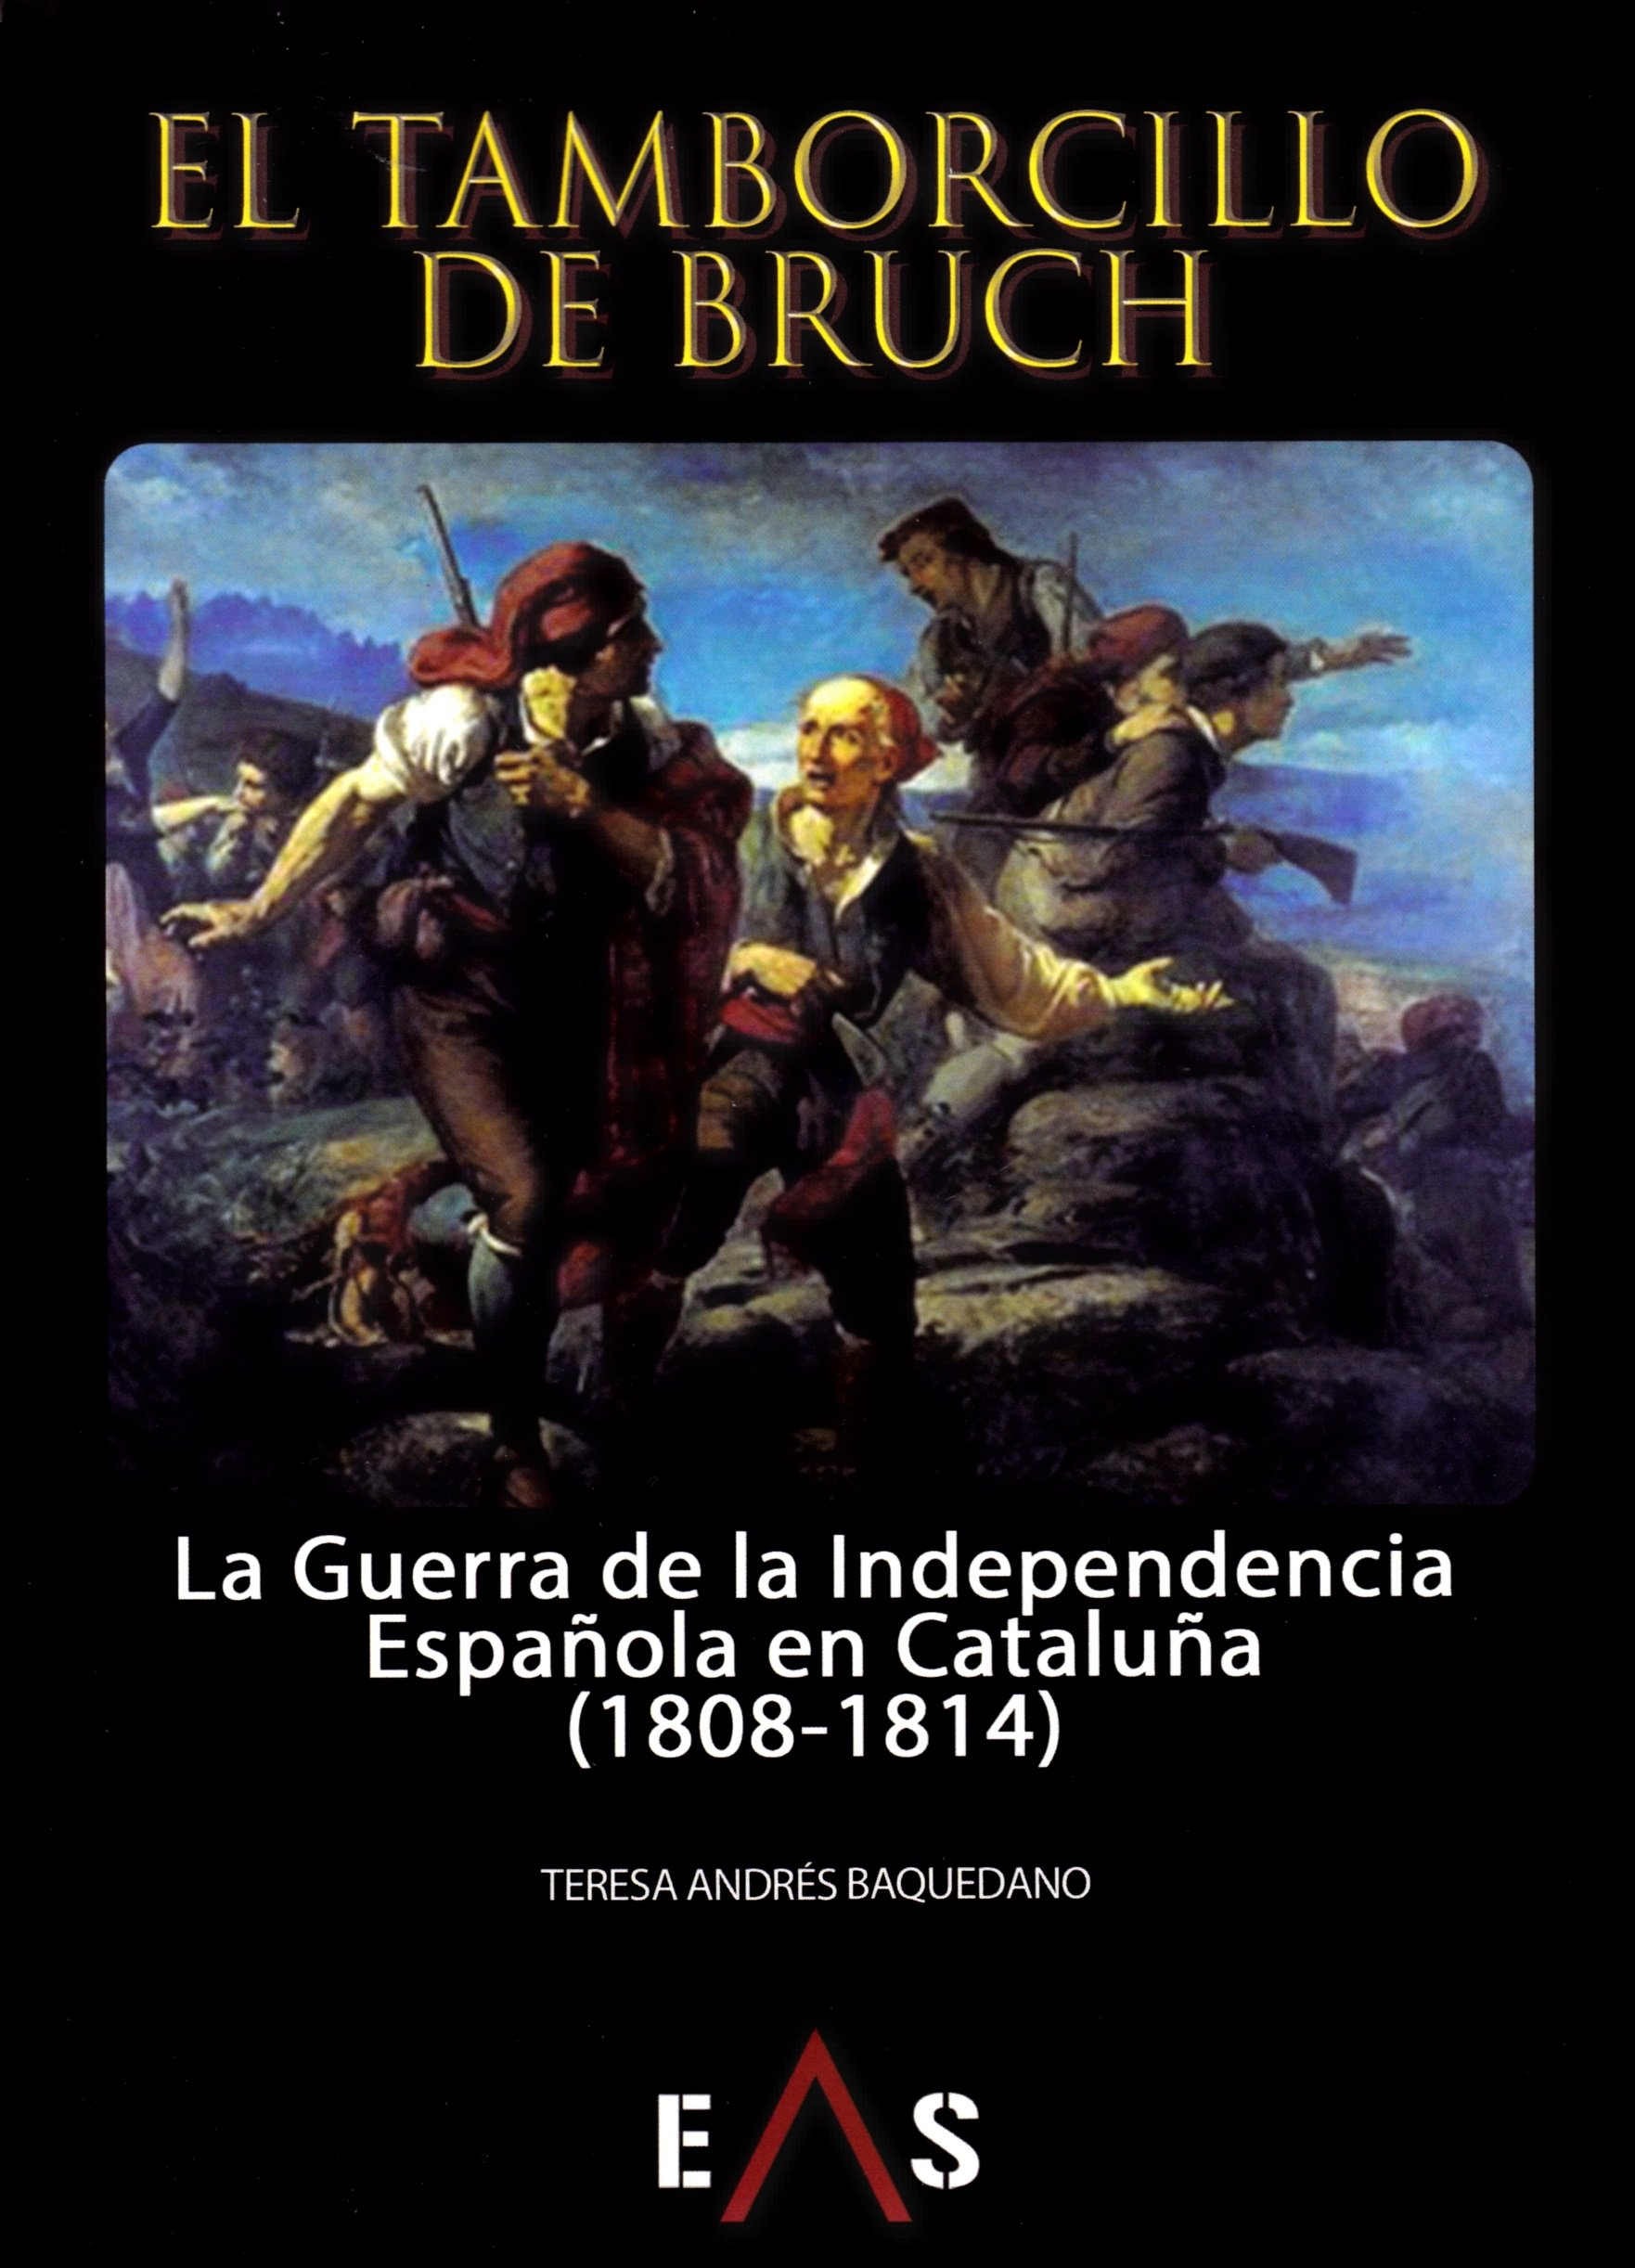 Tamborcillo de Brunch: La Guerra de la Independencia Española en Cataluña 1808-1814 Biblioteca Hoplon: Amazon.es: Andrés Baquedano, Teresa: Libros